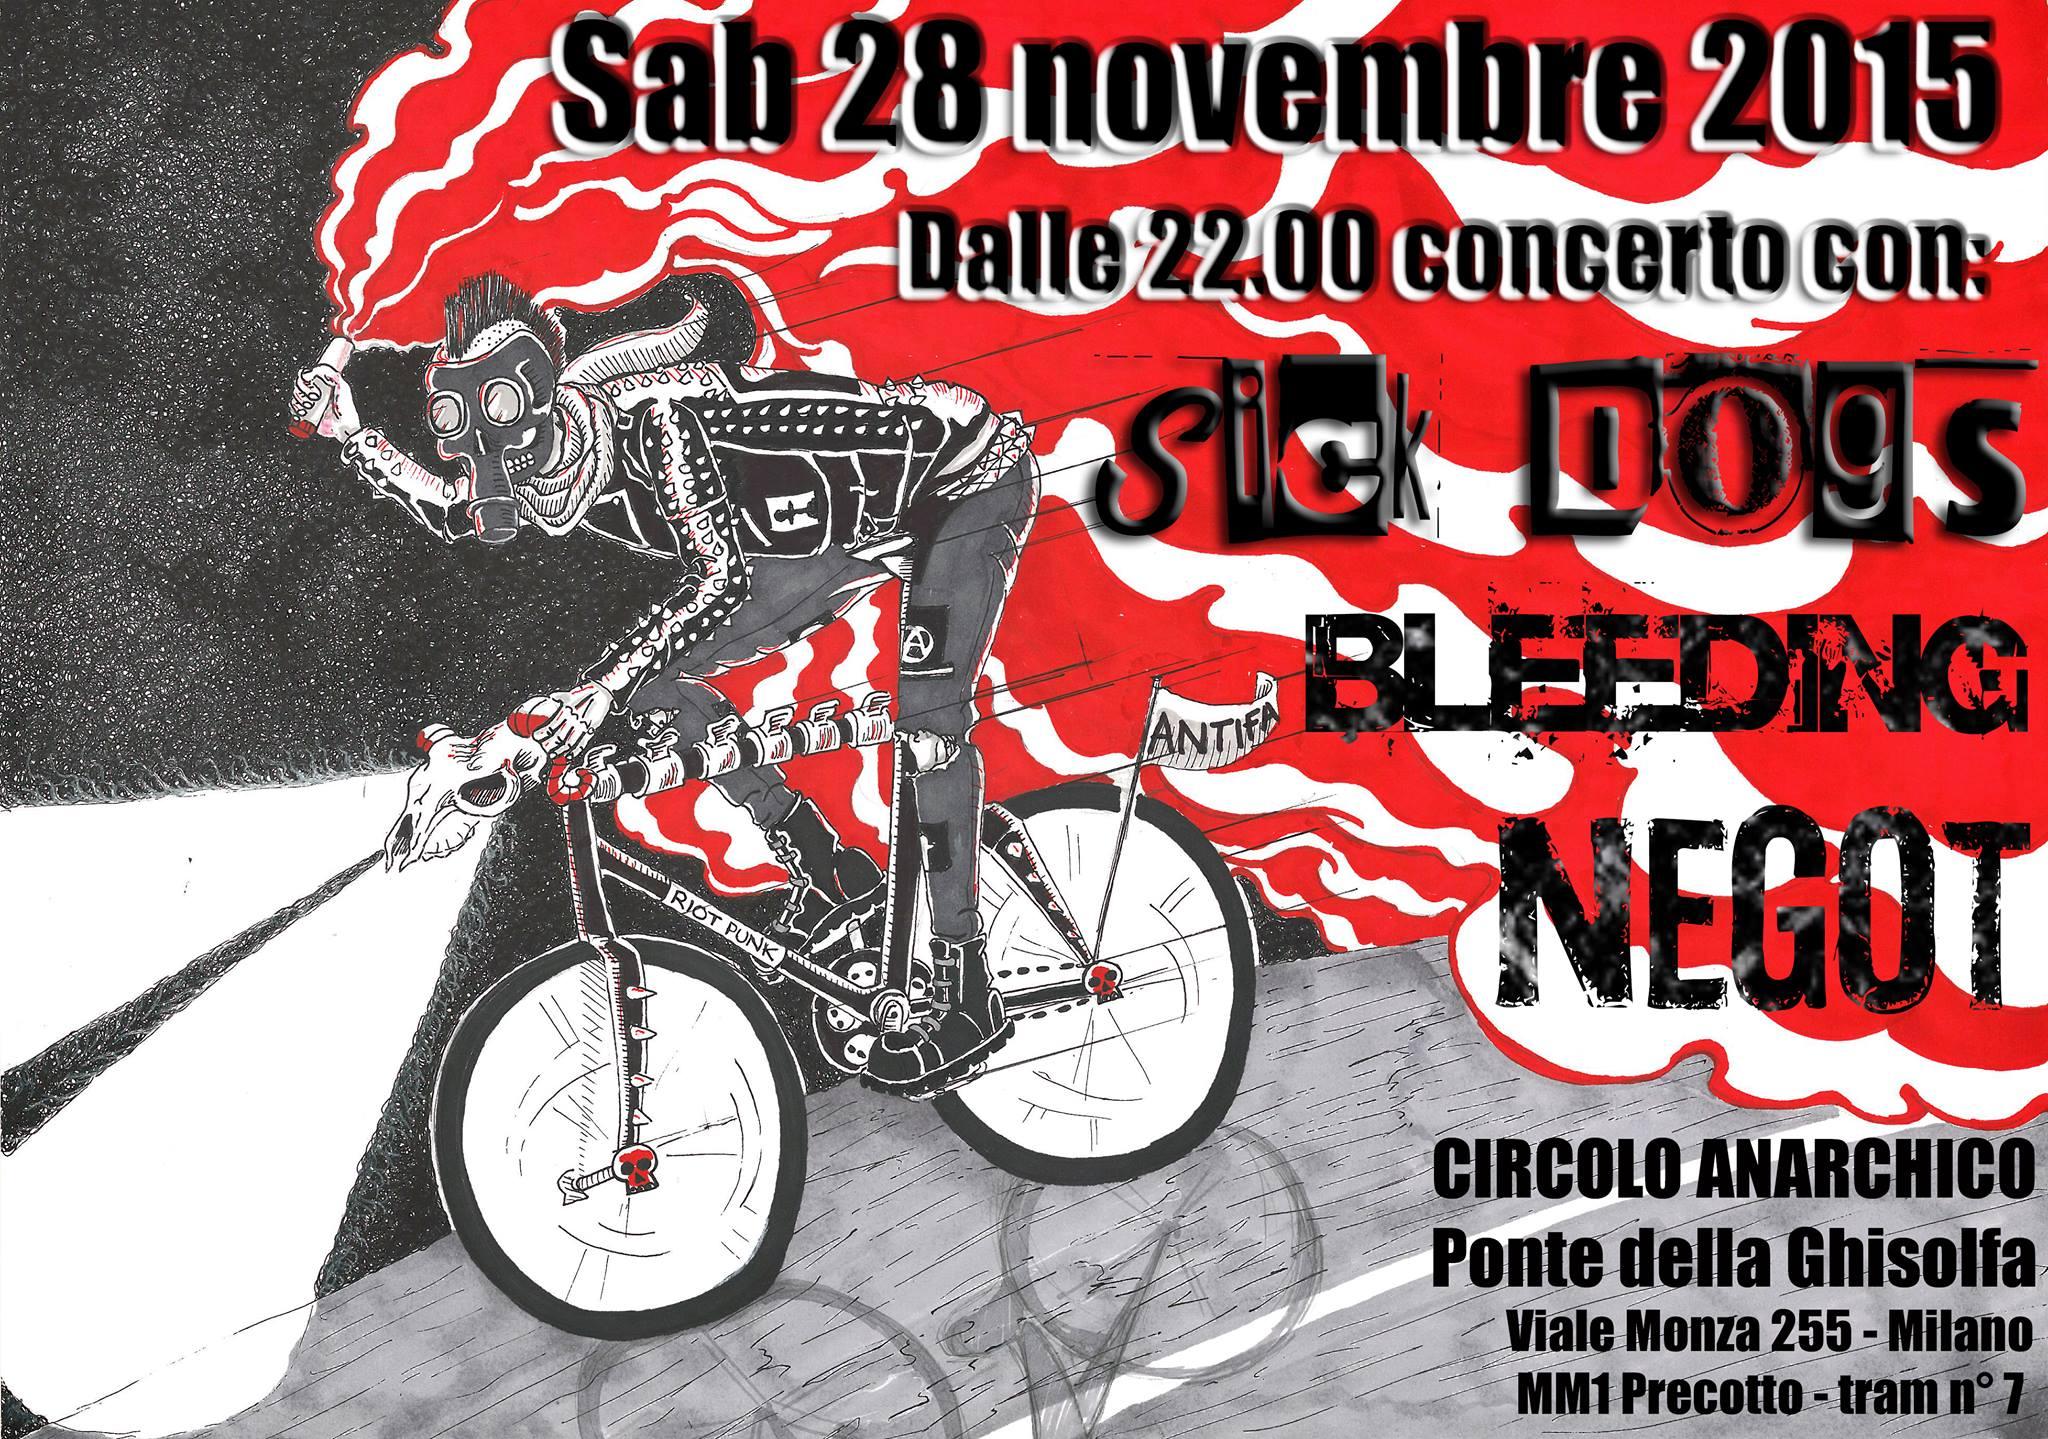 Sick Dogs + Bleeding + Negot @ circolo Anarchico Ponte della Ghisolfa 28-11-2015